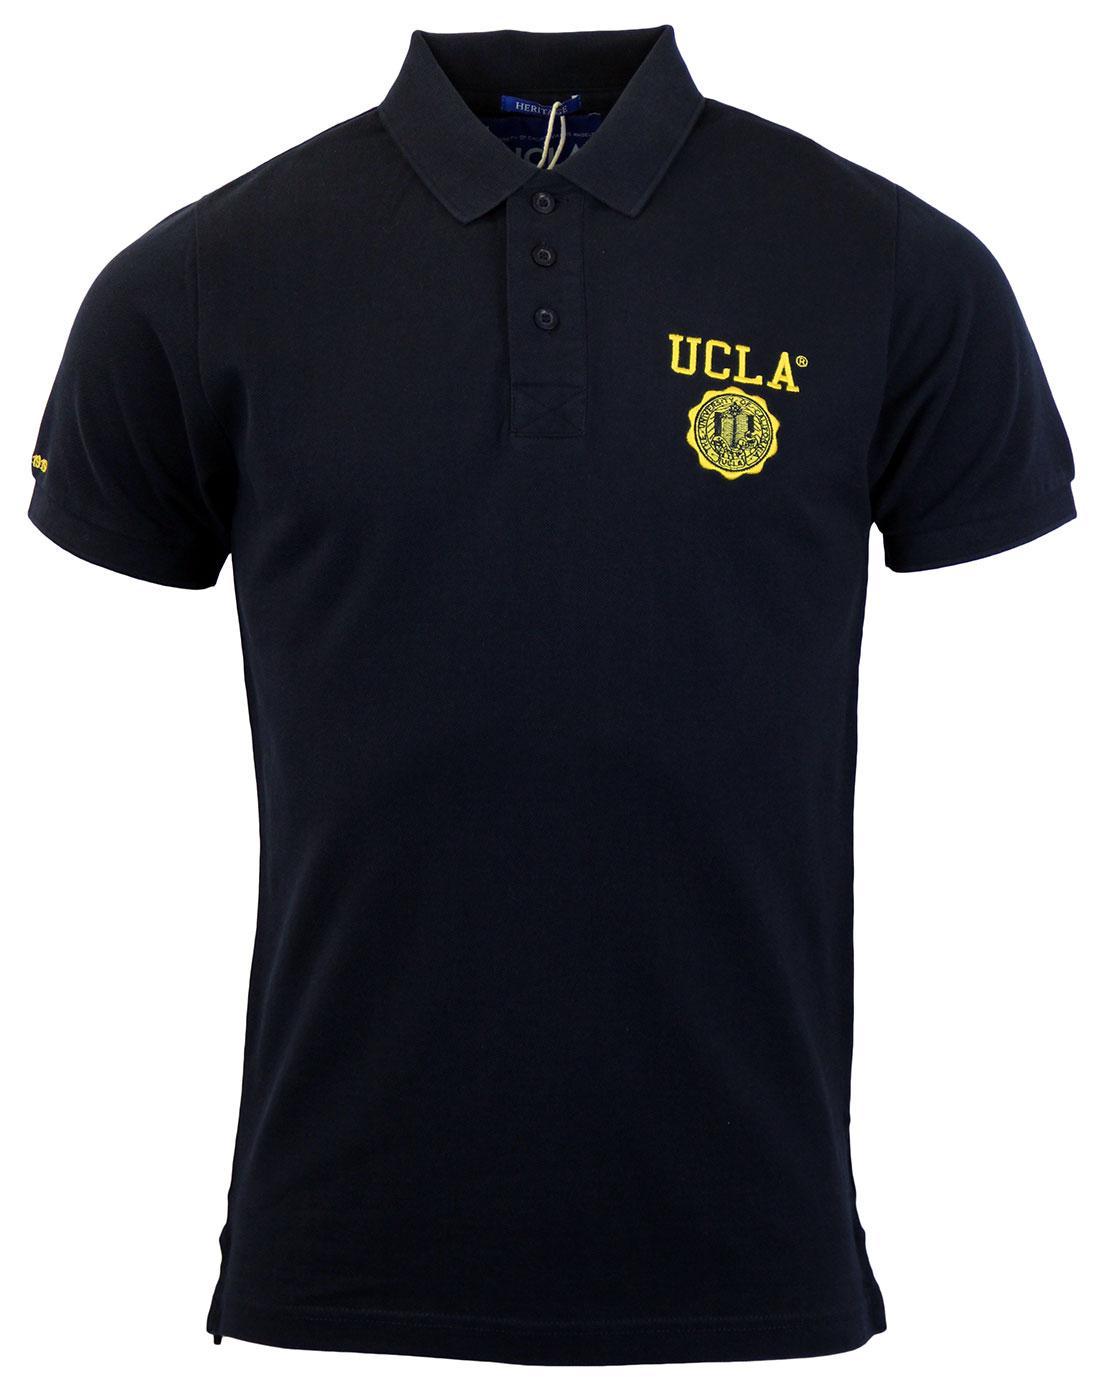 Anderson UCLA Retro 70s Classic Collegiate Polo P